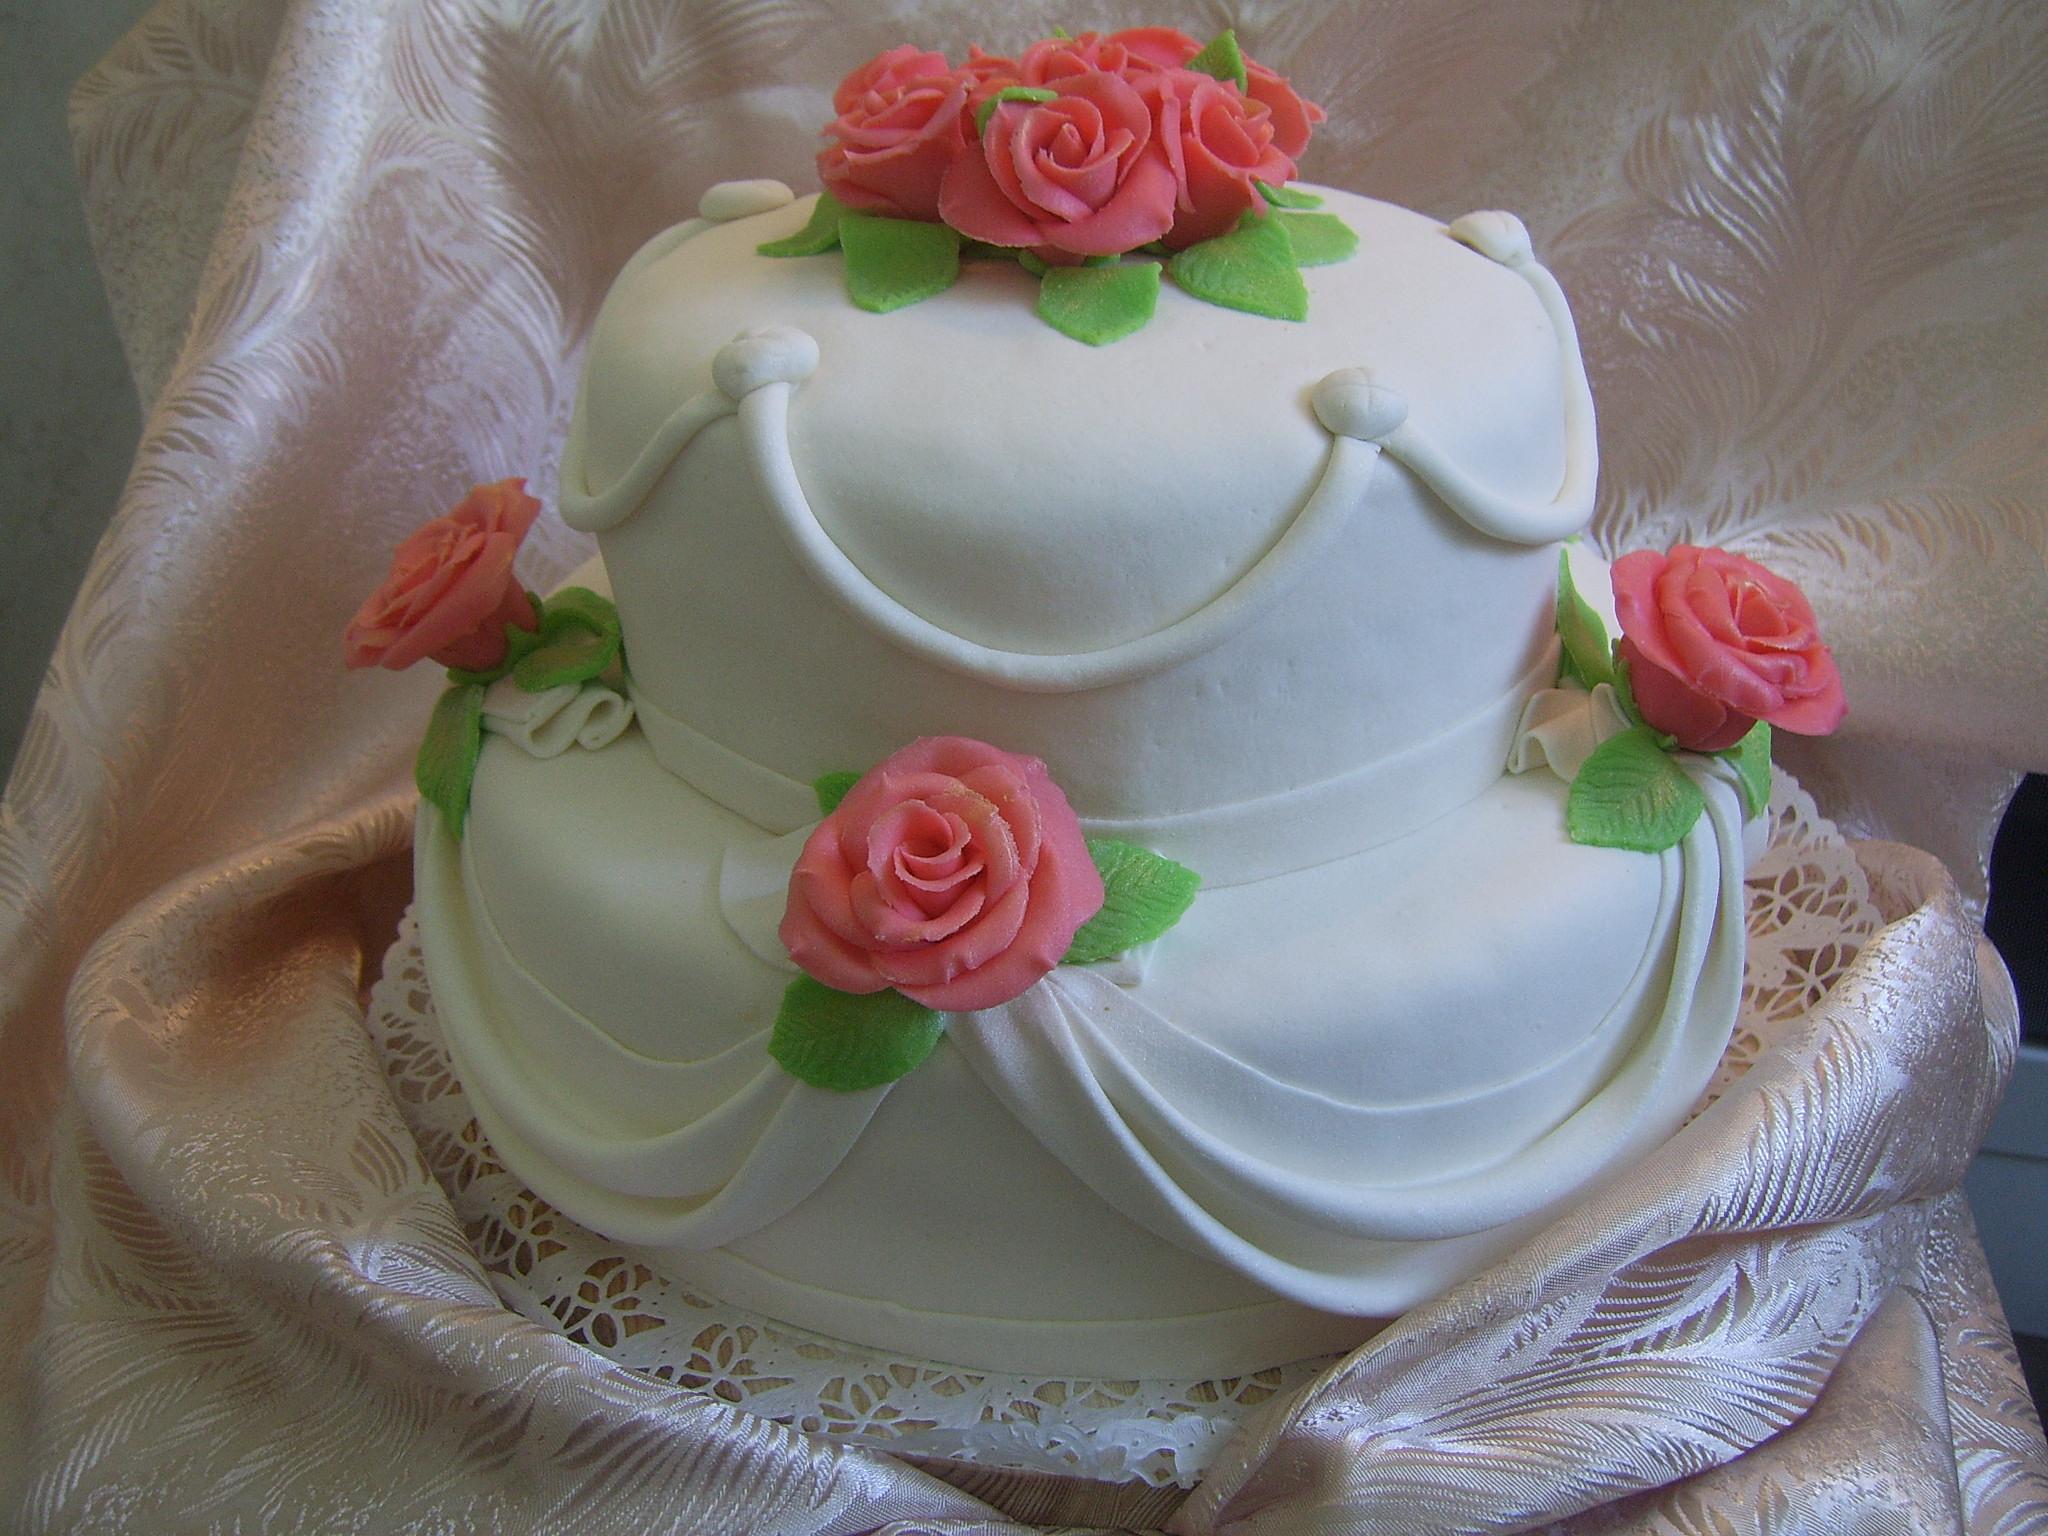 Как в домашних условиях сделать розы на торте из крема